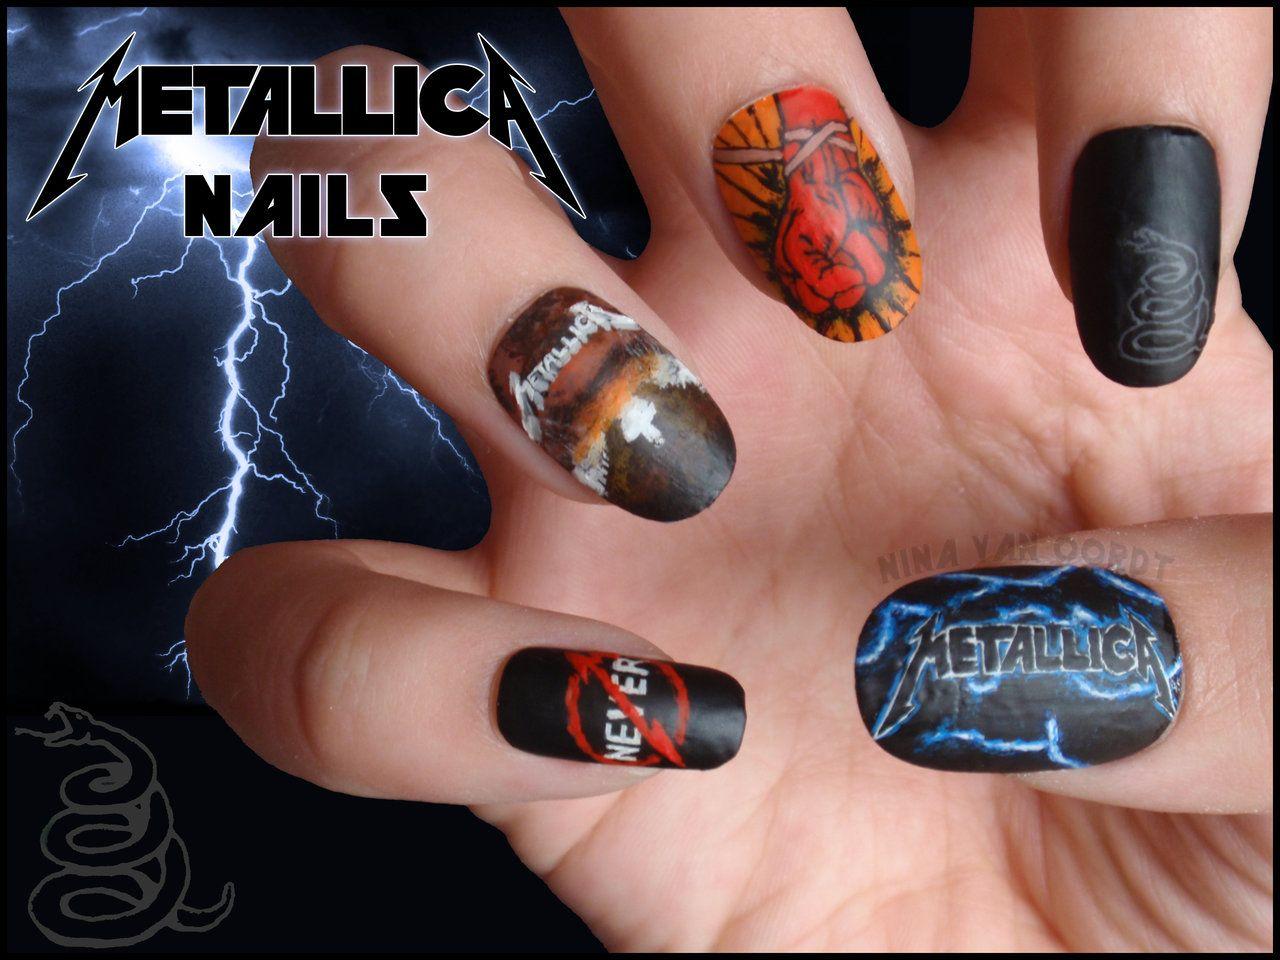 Metallica Nails By Jawsofkita Lovehim On Deviantart Band Nails Music Nails Rock Nails